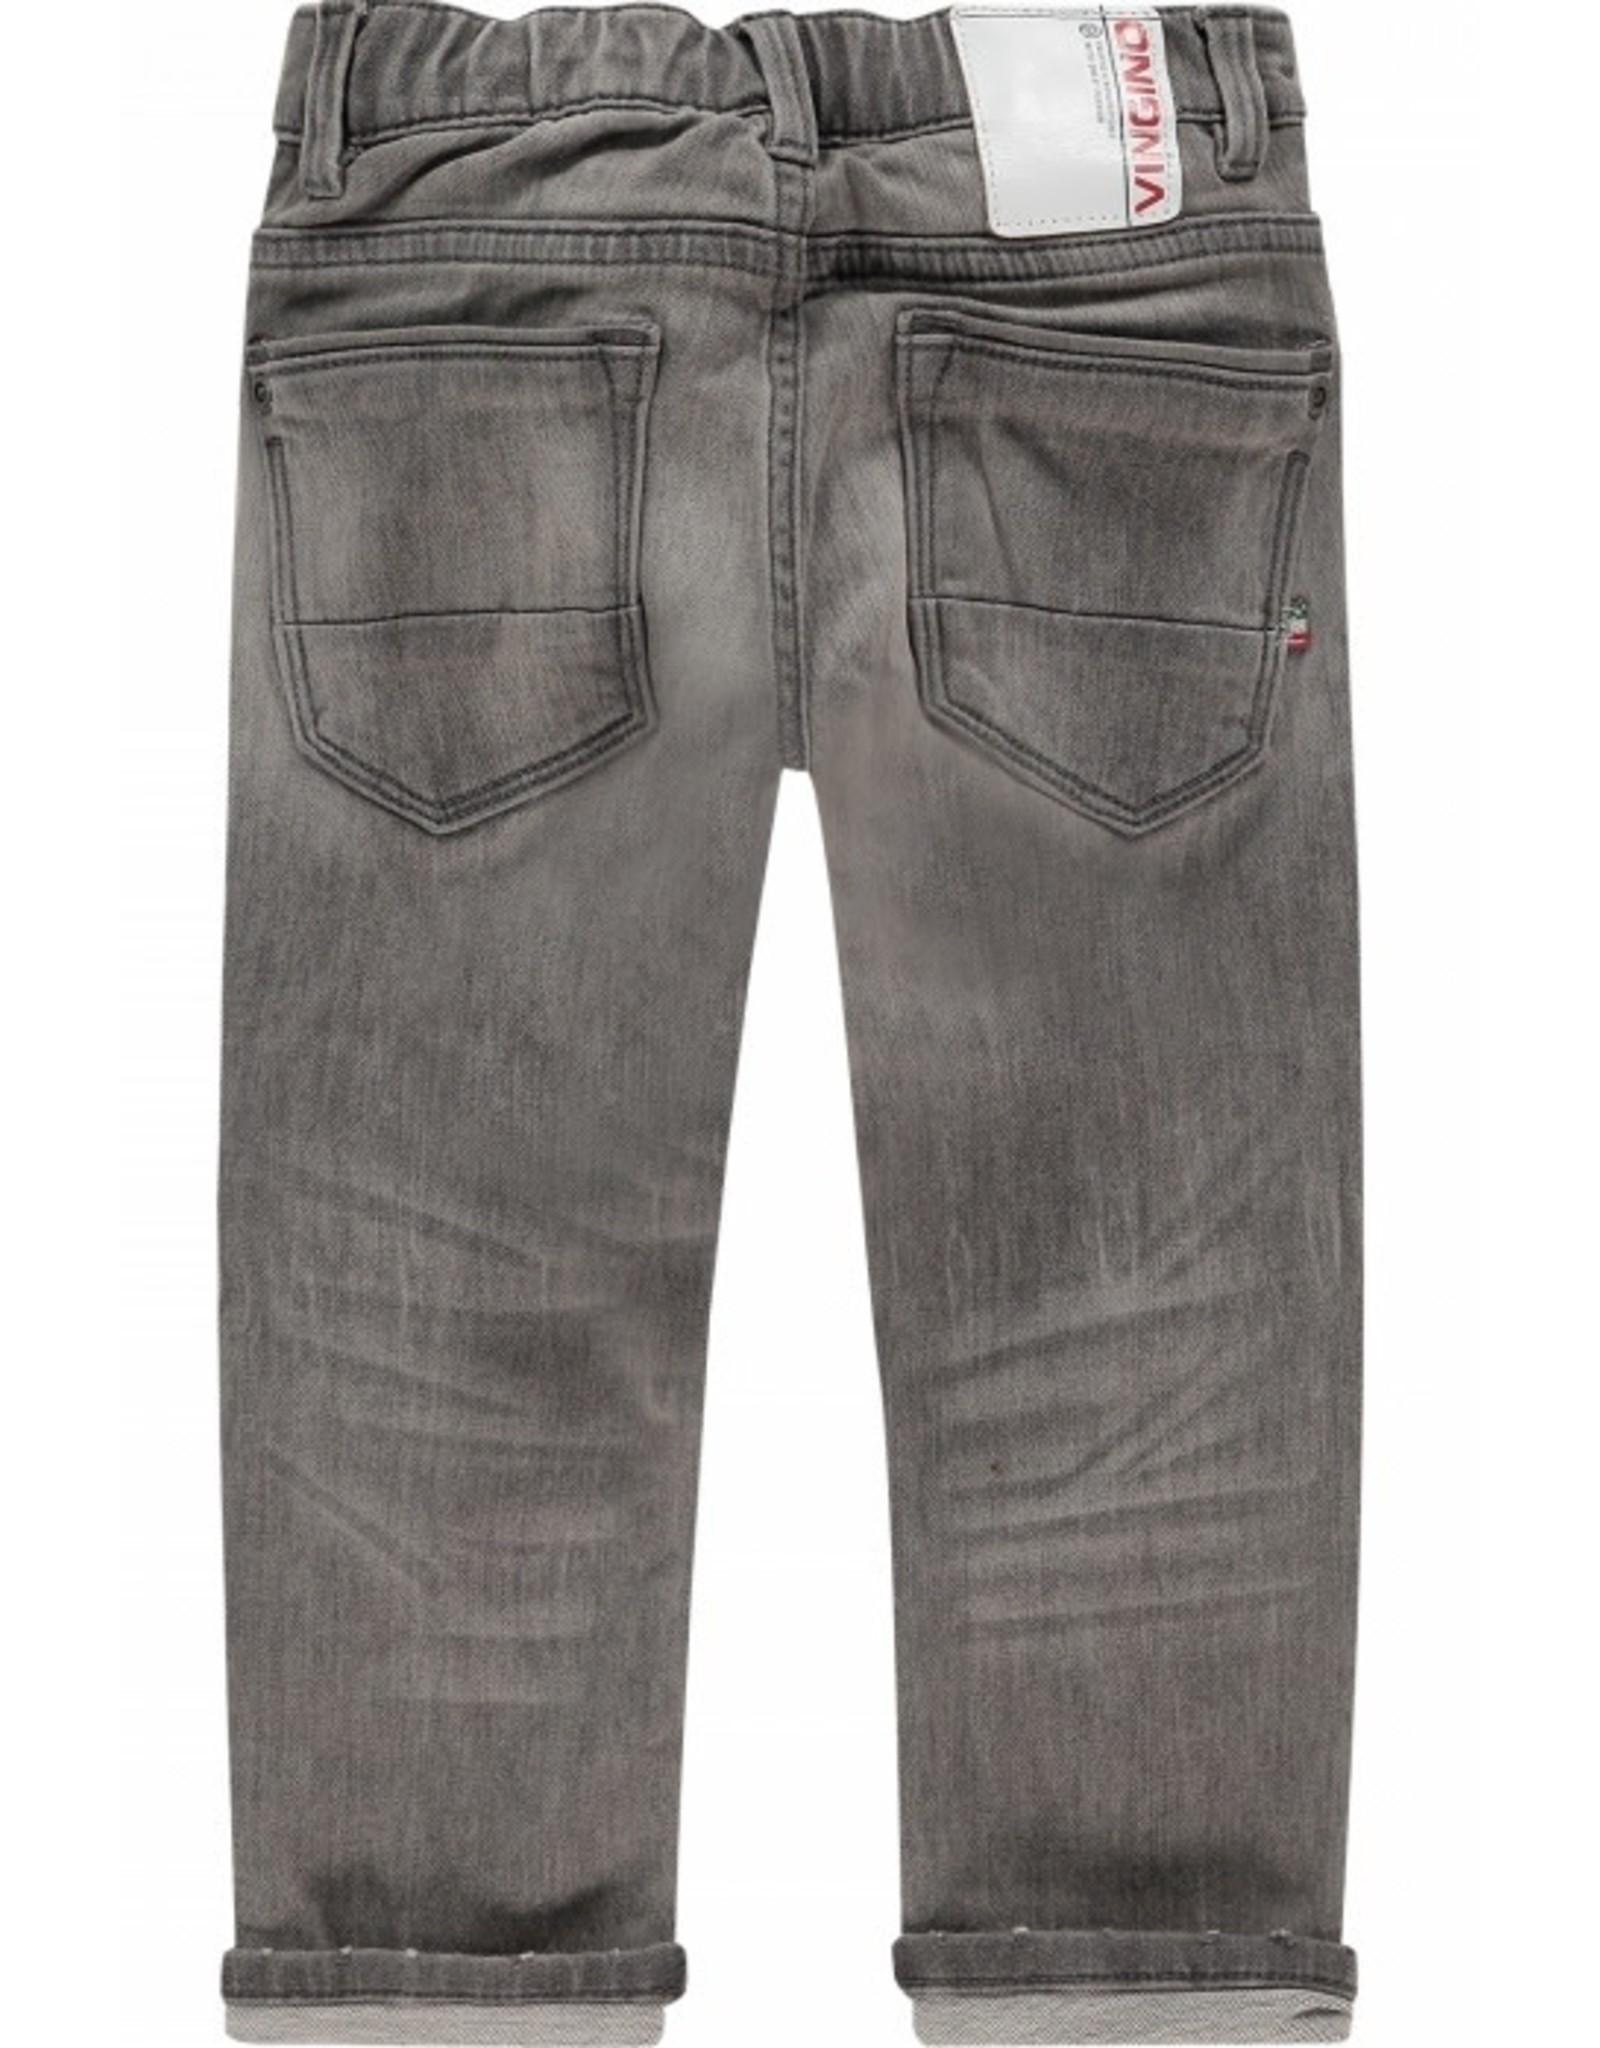 Vingino Bertino jeans